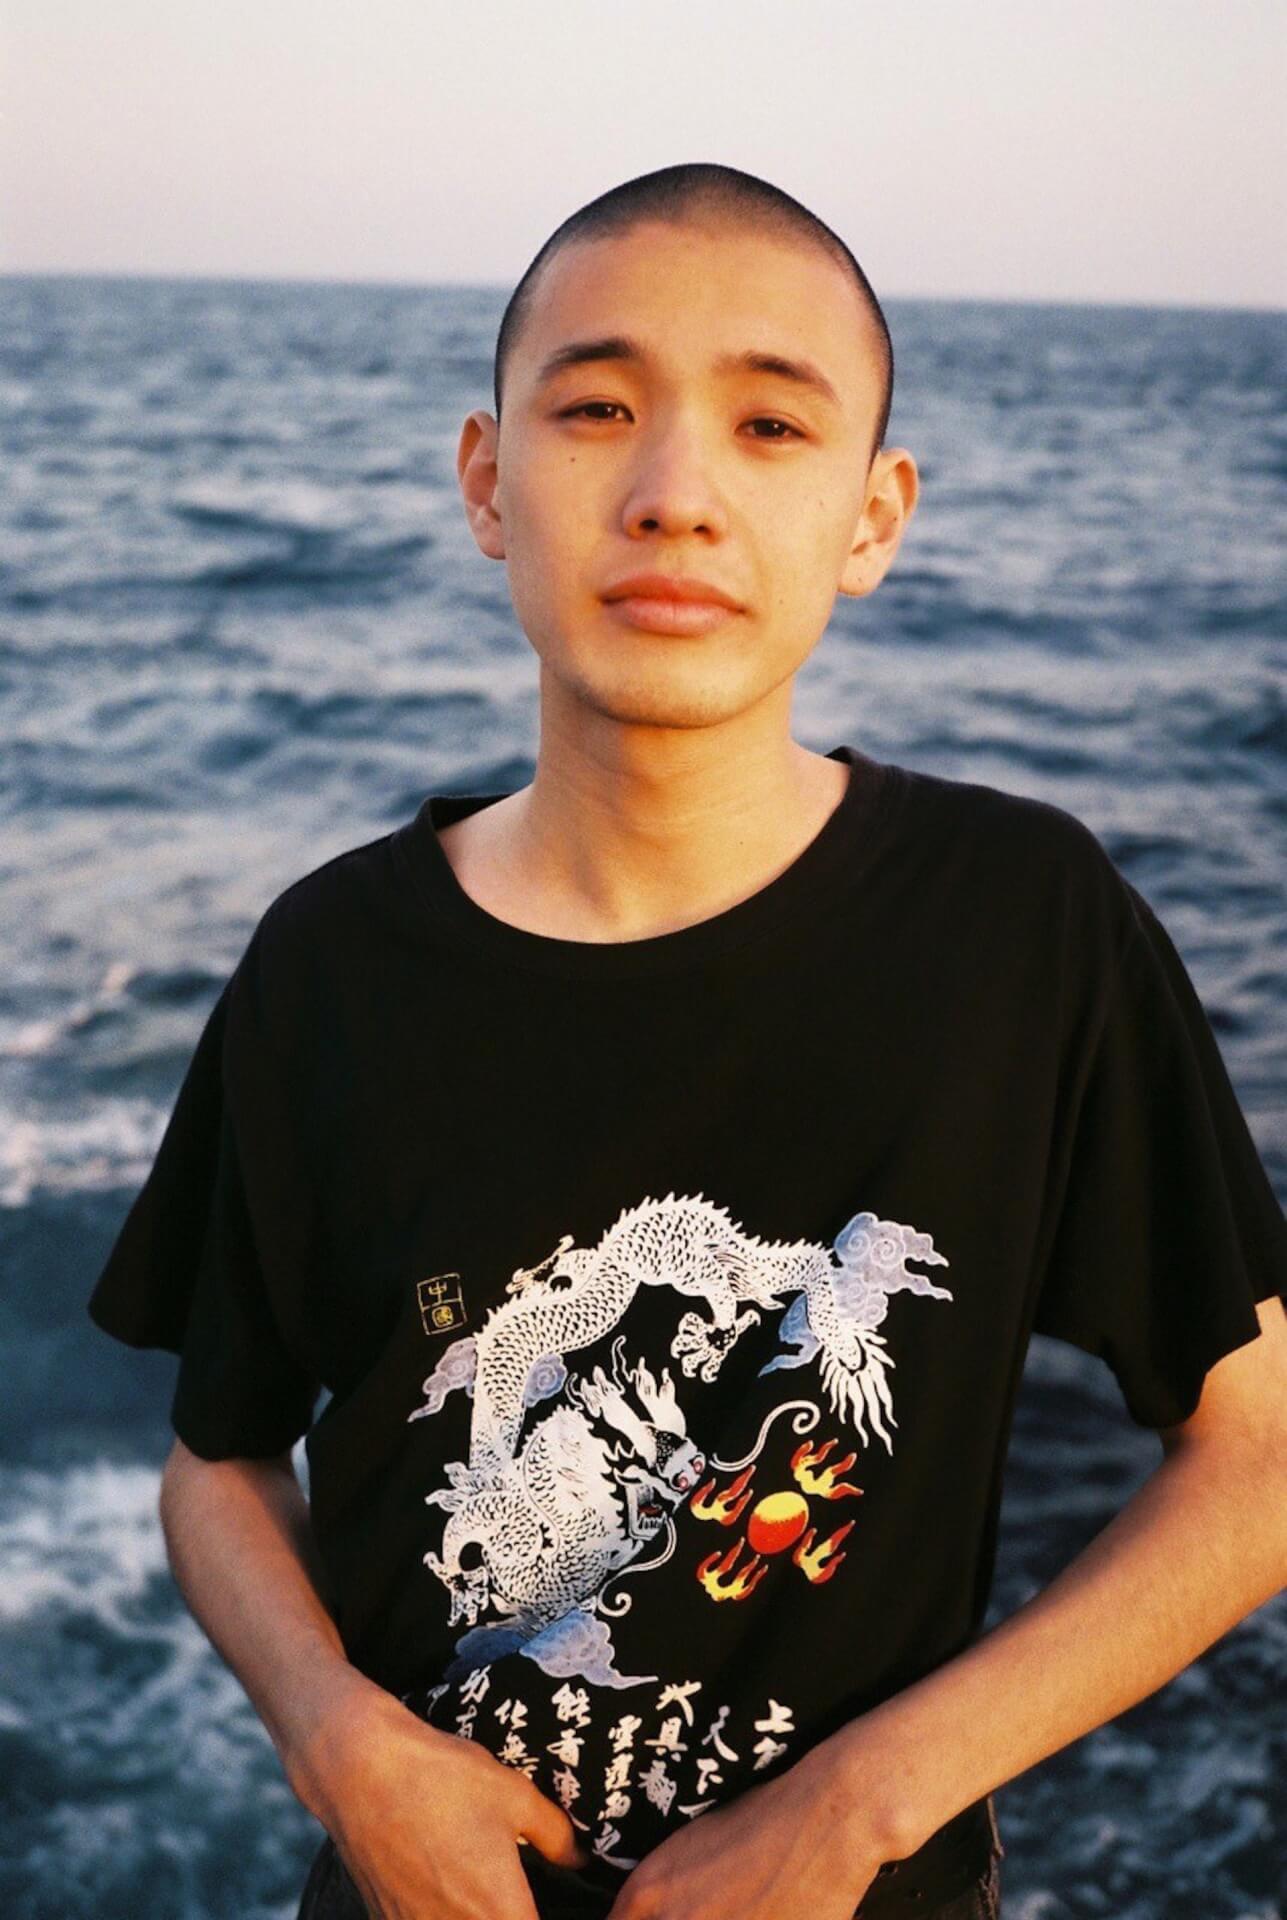 石若駿率いるAnswer to Remember、本日配信開始のシングルでKID FRESINOをフィーチャー|MVも同日全世界公開 music191113_ishiwakashun_3